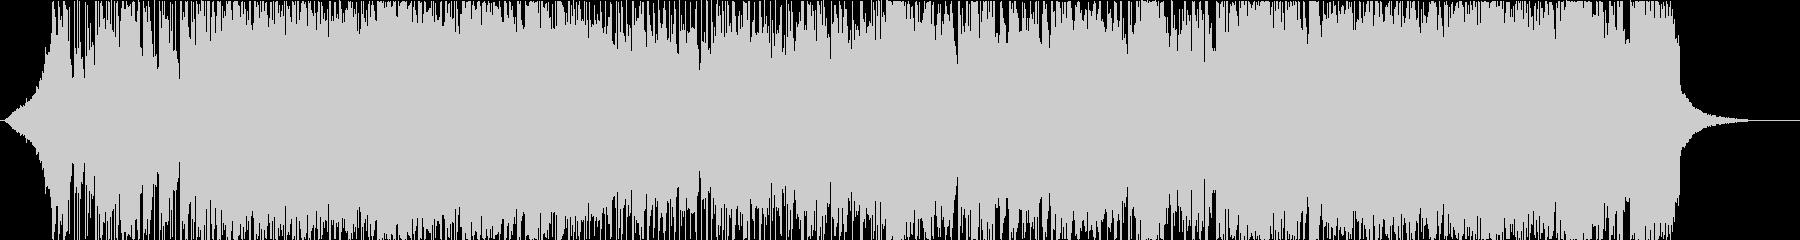 和楽器と掛け声のへヴィなロック曲の未再生の波形